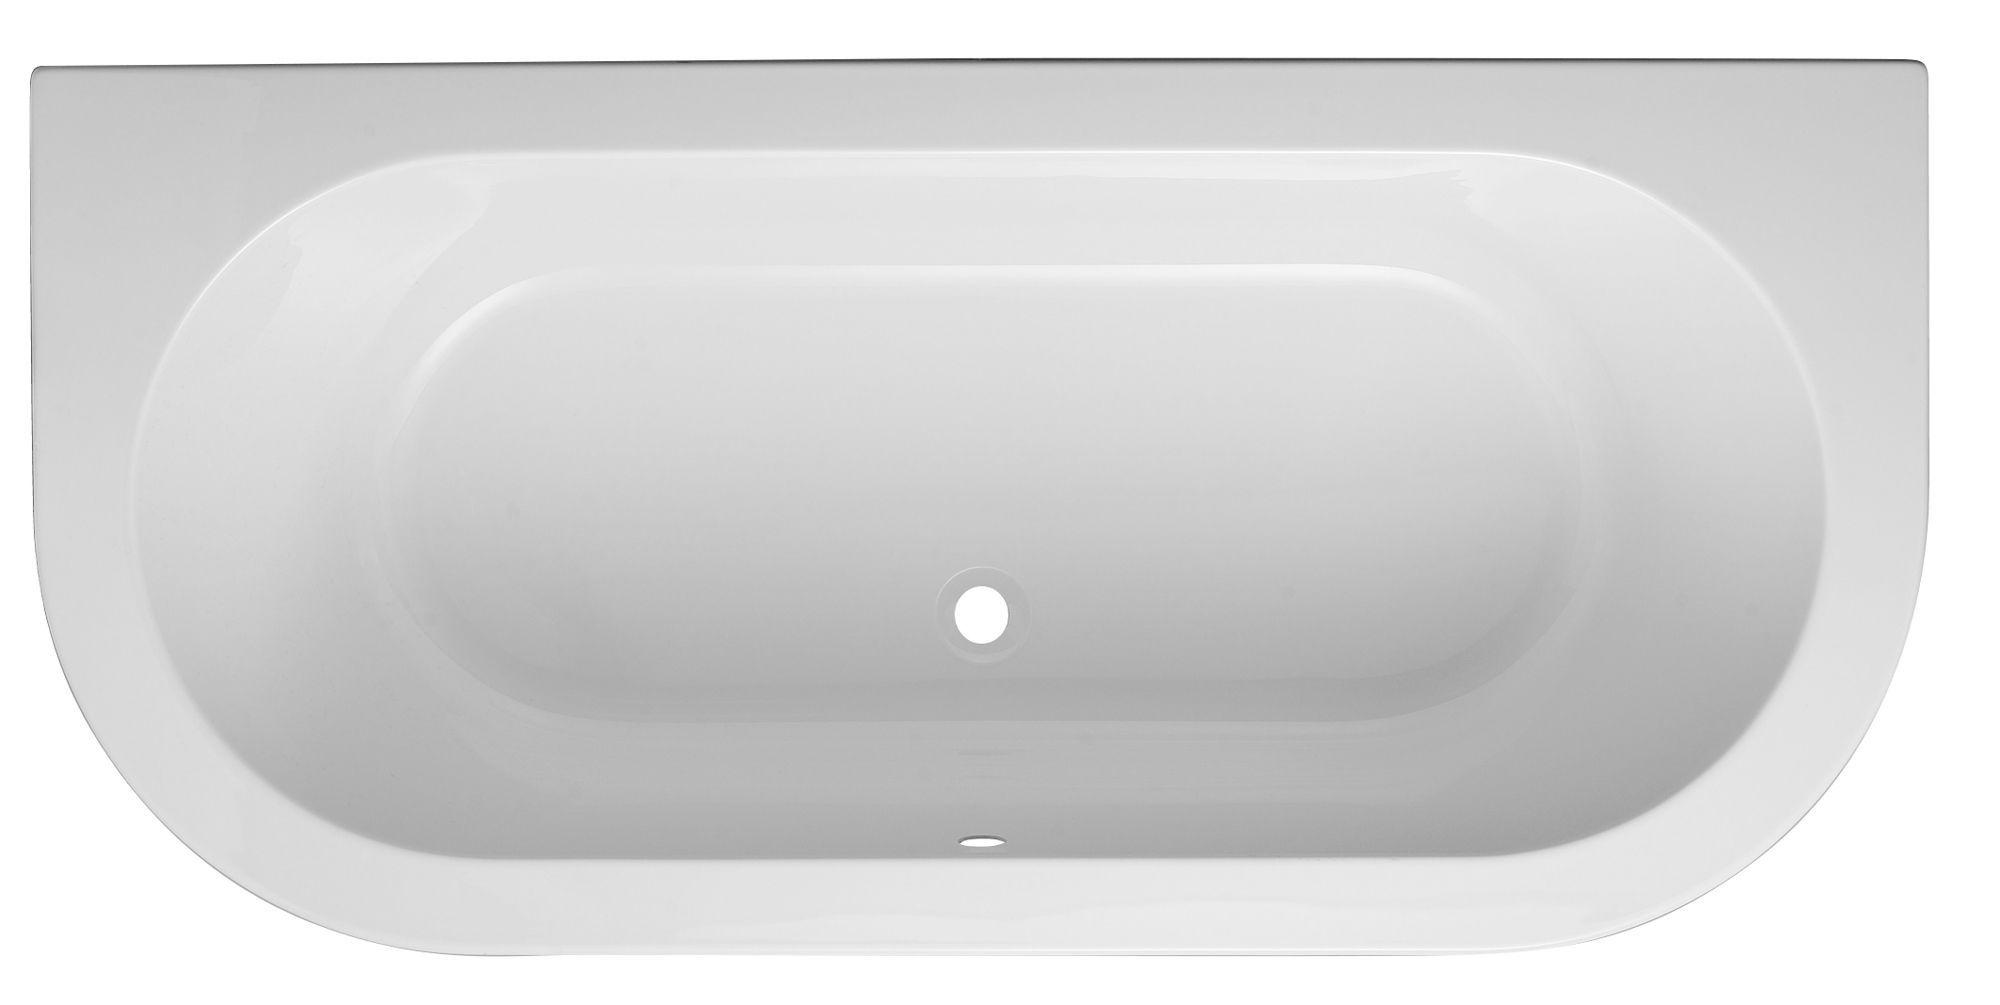 Bathroom Sinks B&Q Ireland cooke & lewis helena acrylic oval curved bath (l)1700mm (w)800mm